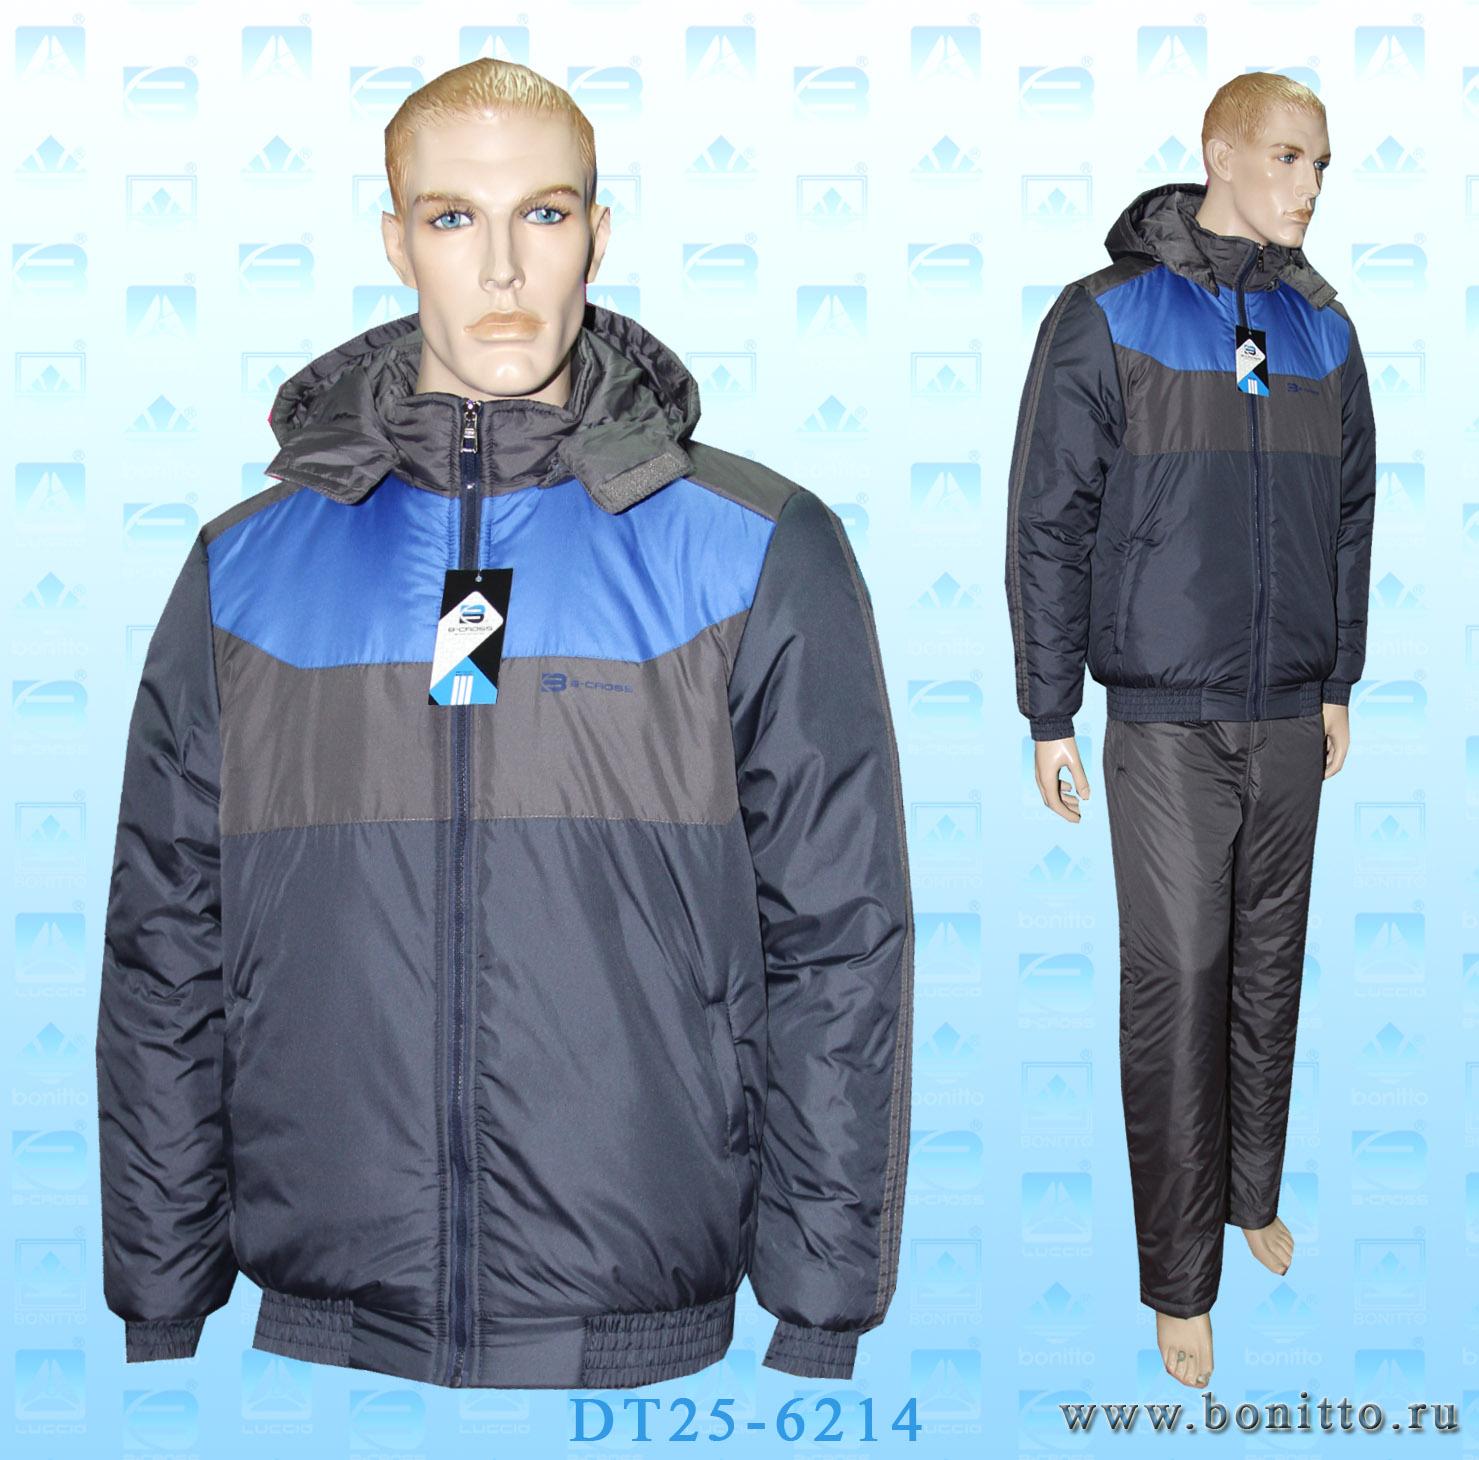 Сбор заказов. Утепленные зимние костюмы, цены от 1199 р. есть большие размеры. Выкуп-2.